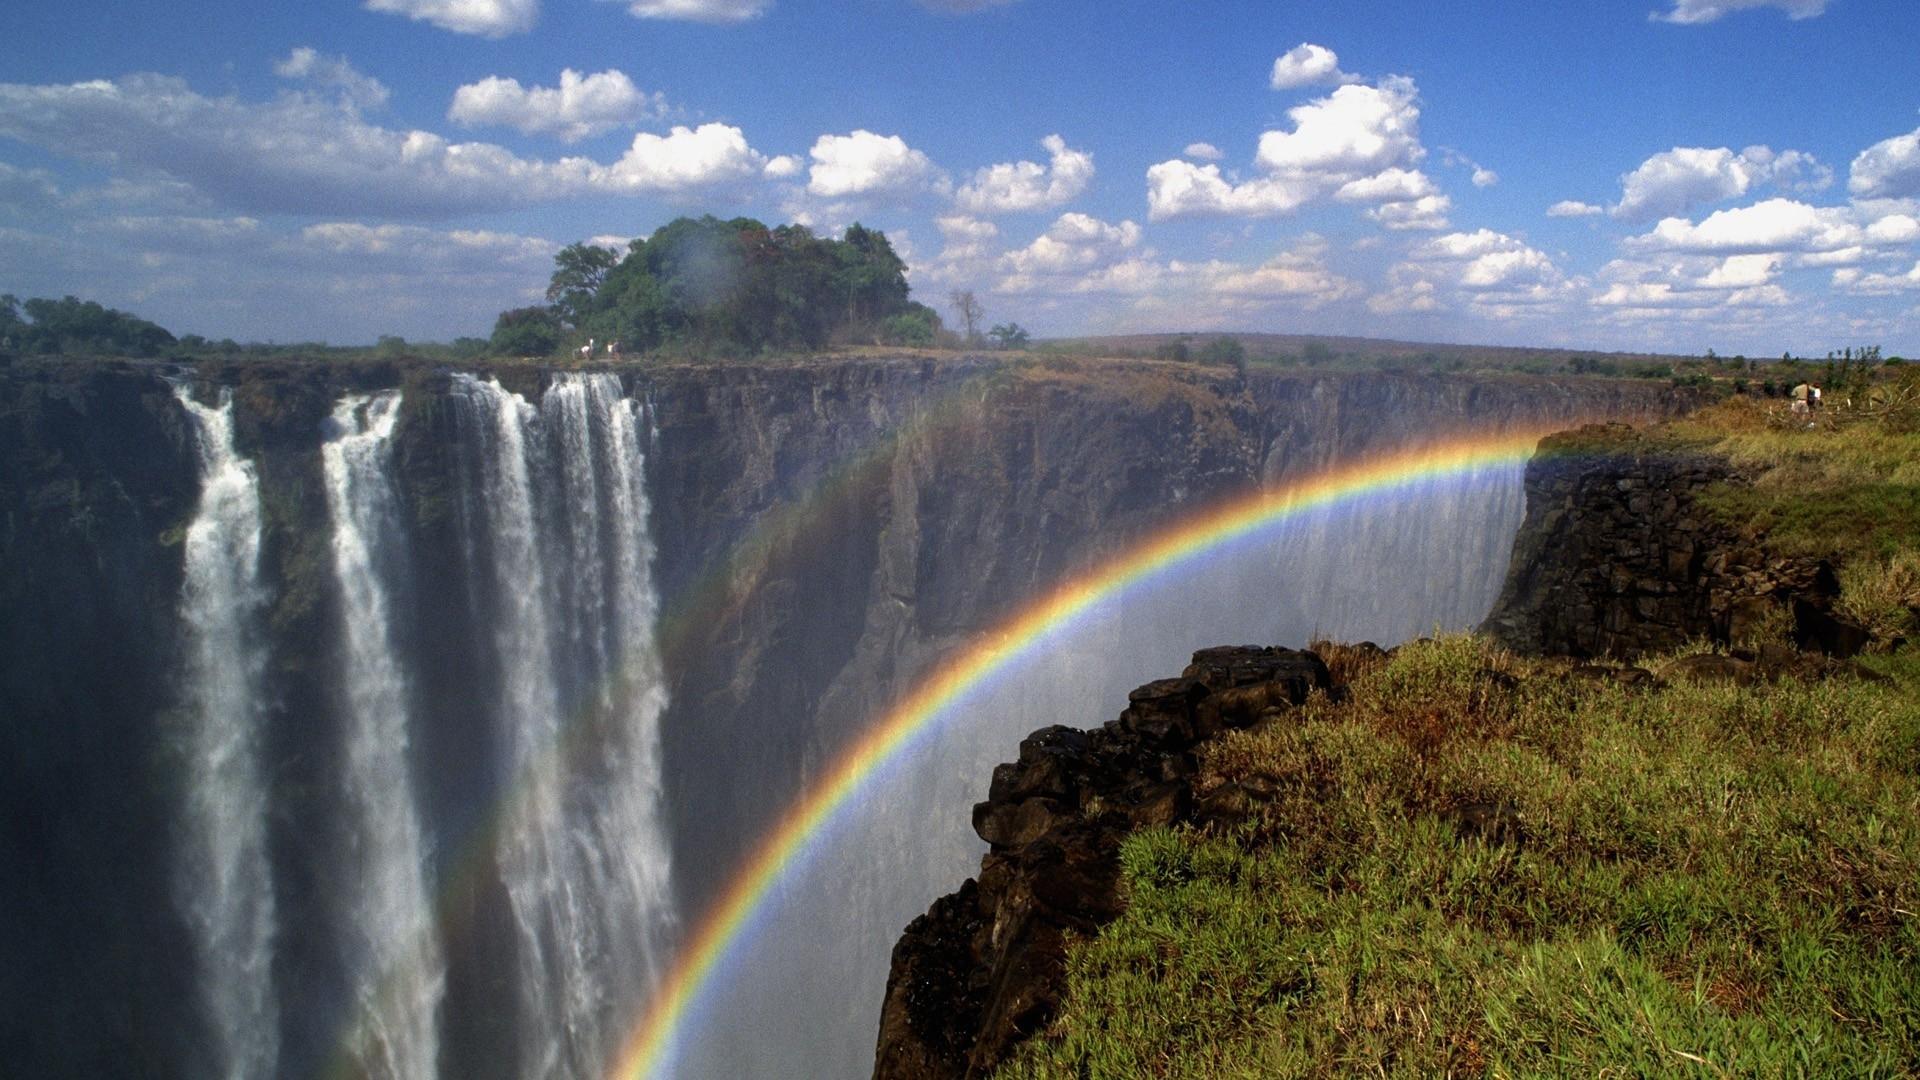 zimbabwe victoria falls 1920x1080 wallpaper Art HD Wallpaper download 1920x1080